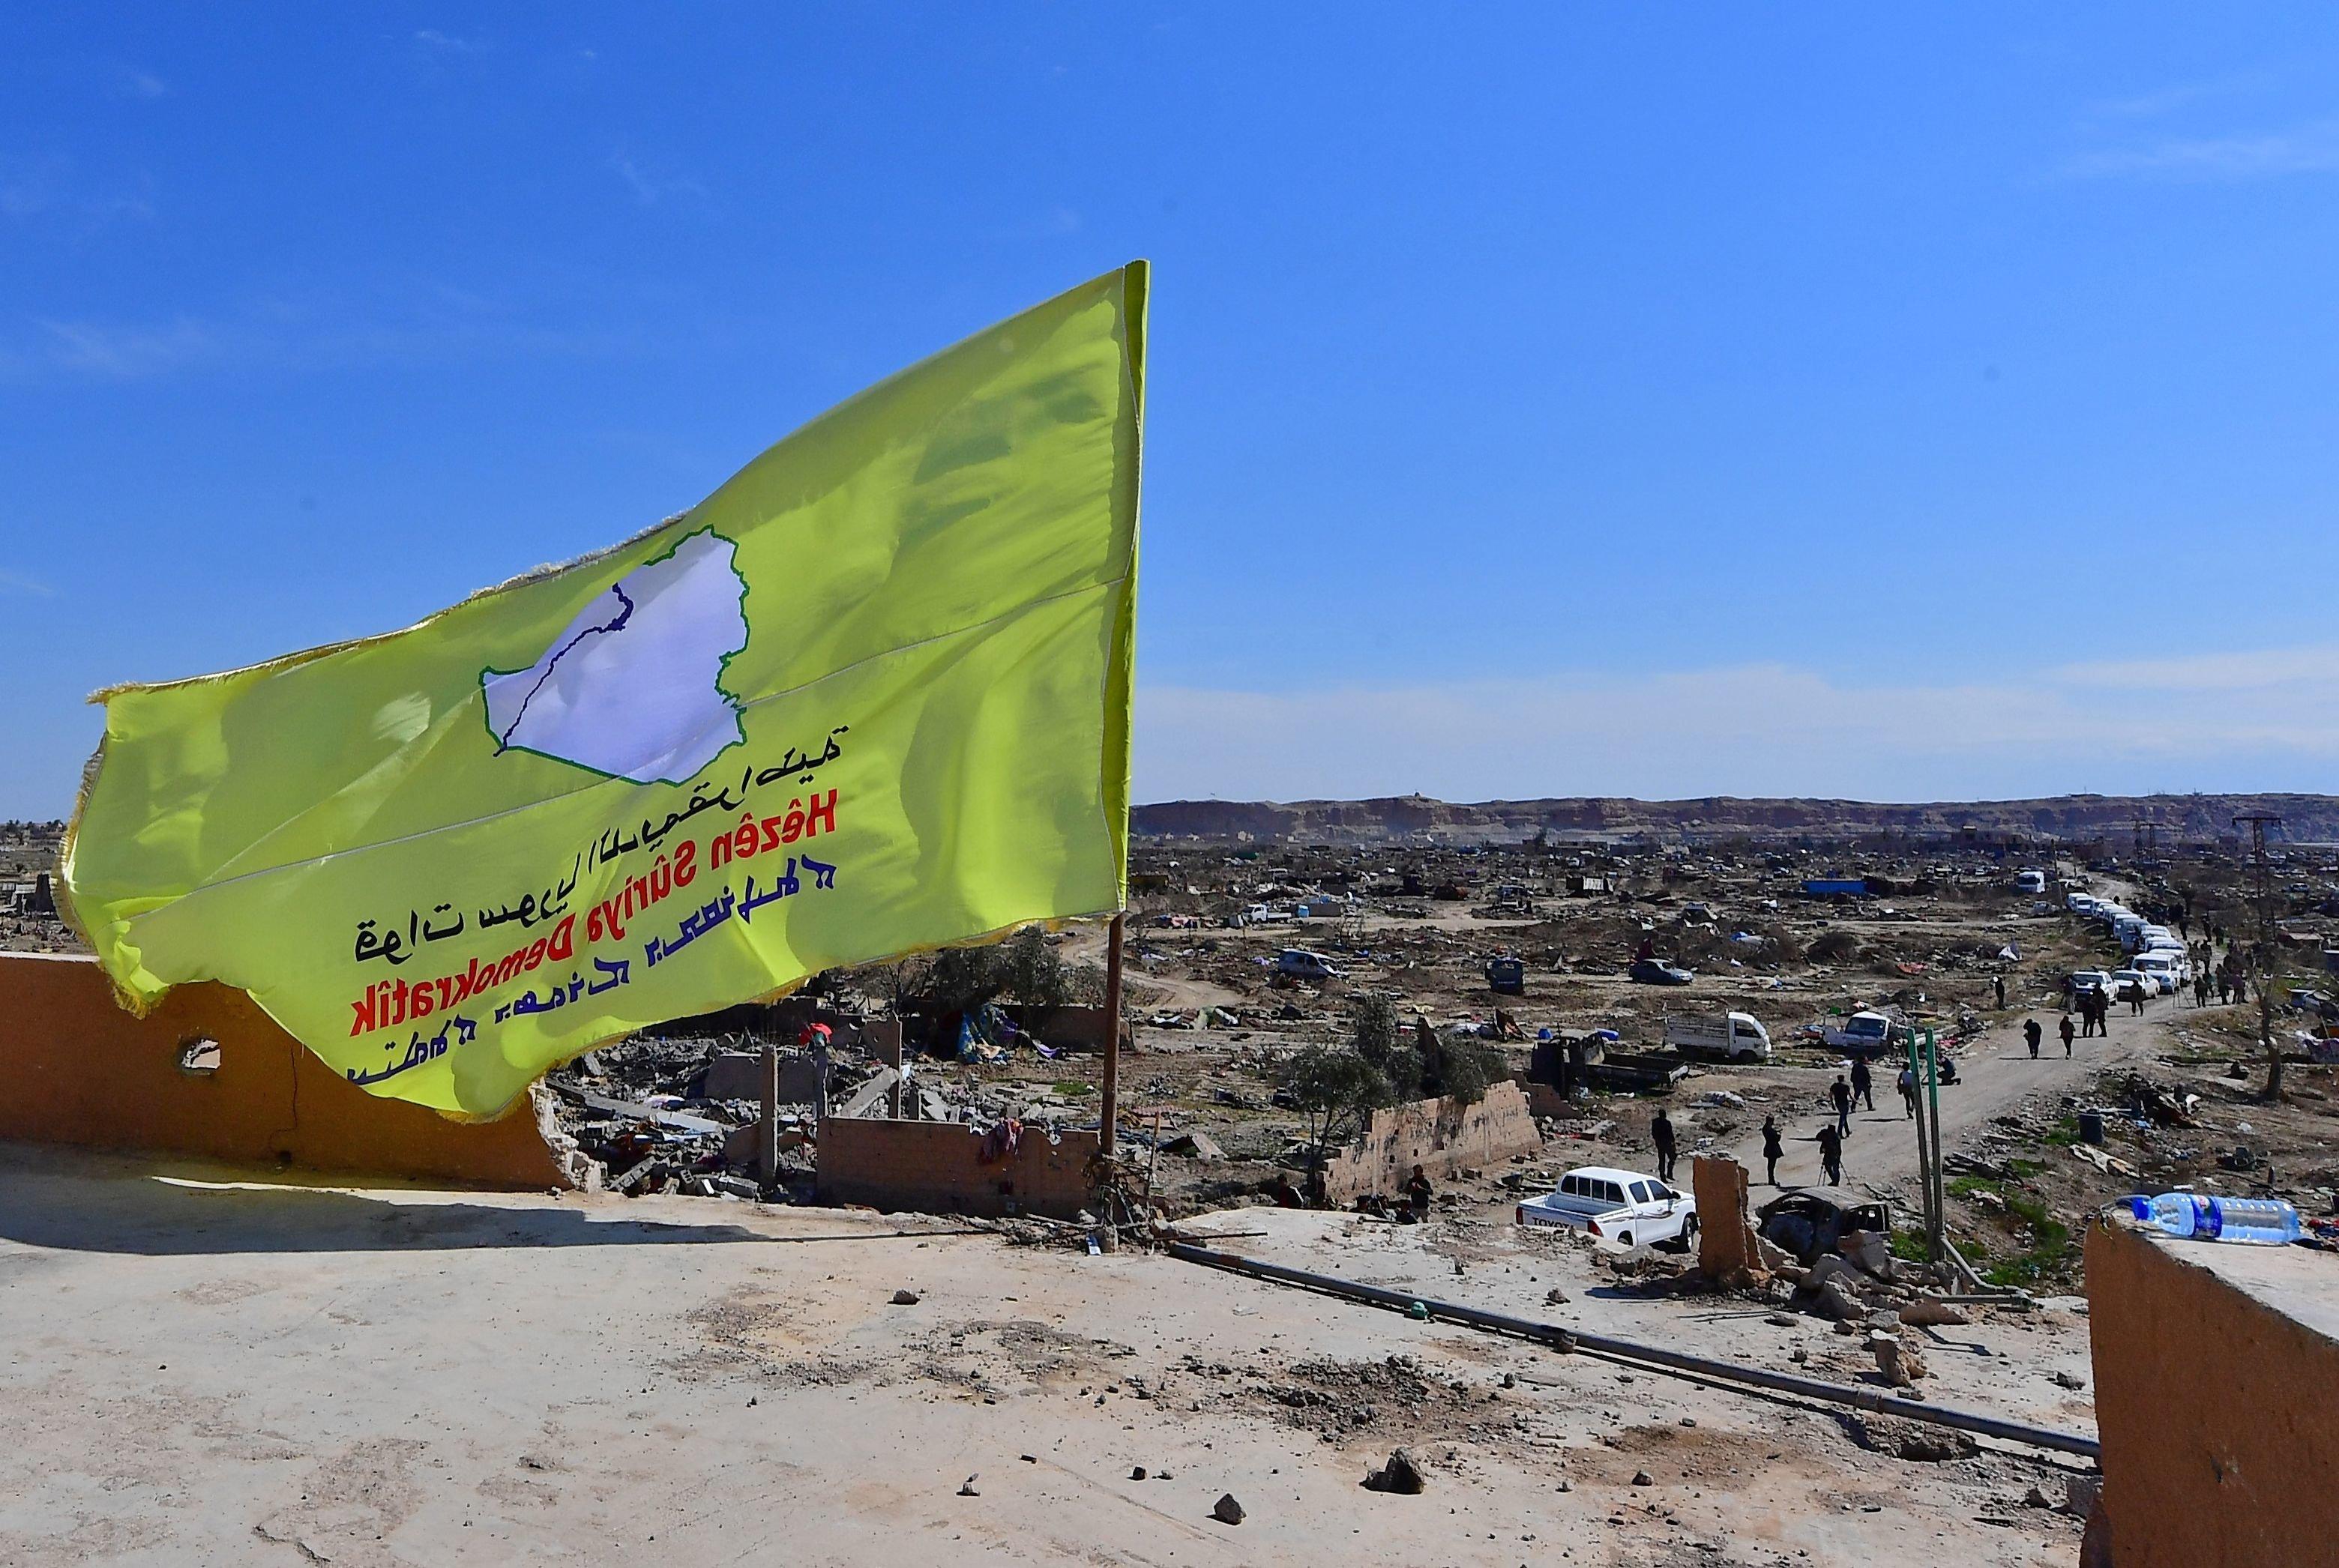 EEUU y las fuerzas kurdas anuncian el fin del 'califato' del Estado Islámico en